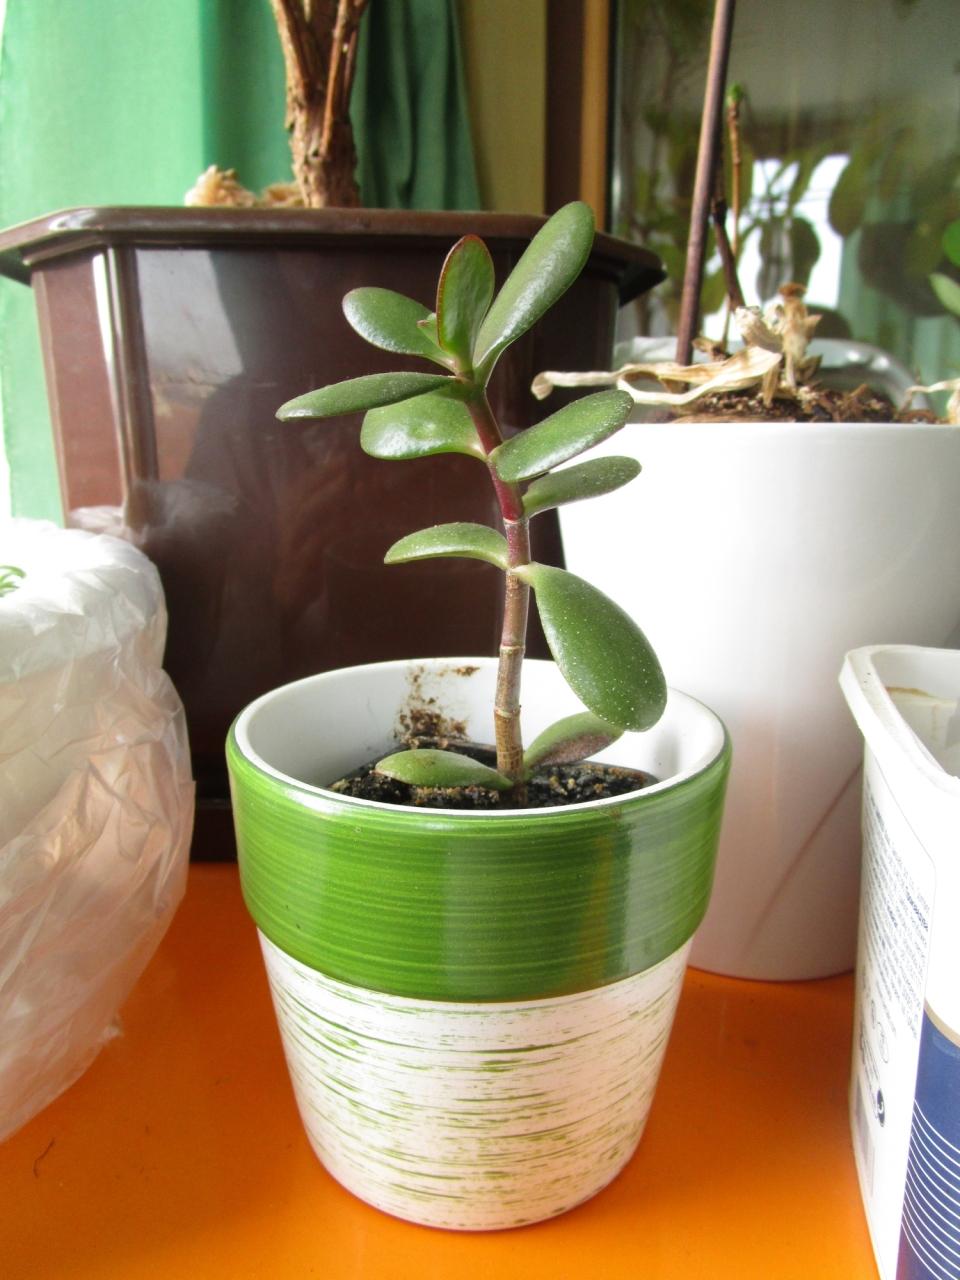 Neka biljka u saksiji